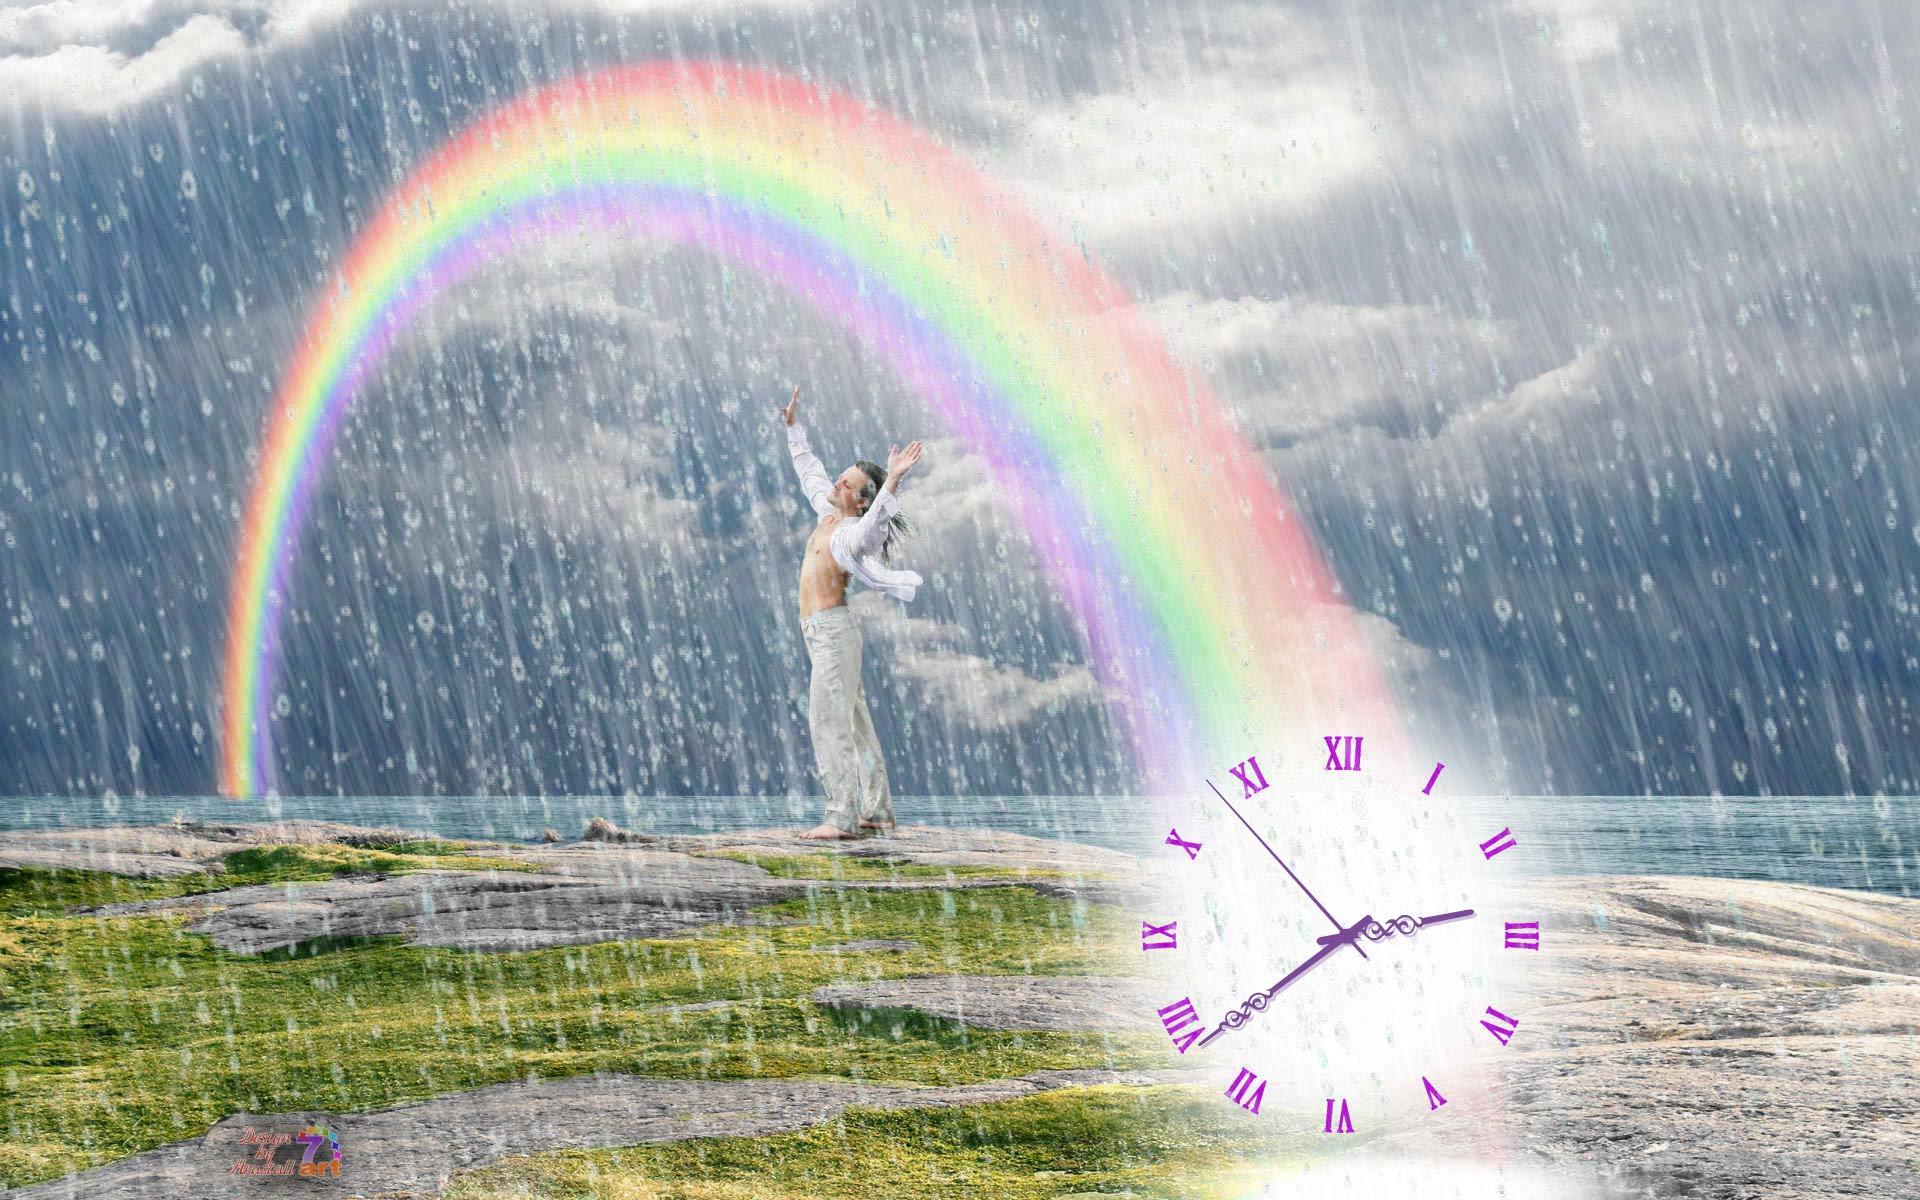 Summer Rain Clock screensaver   Summer Rain Clock keeps count while 1920x1200